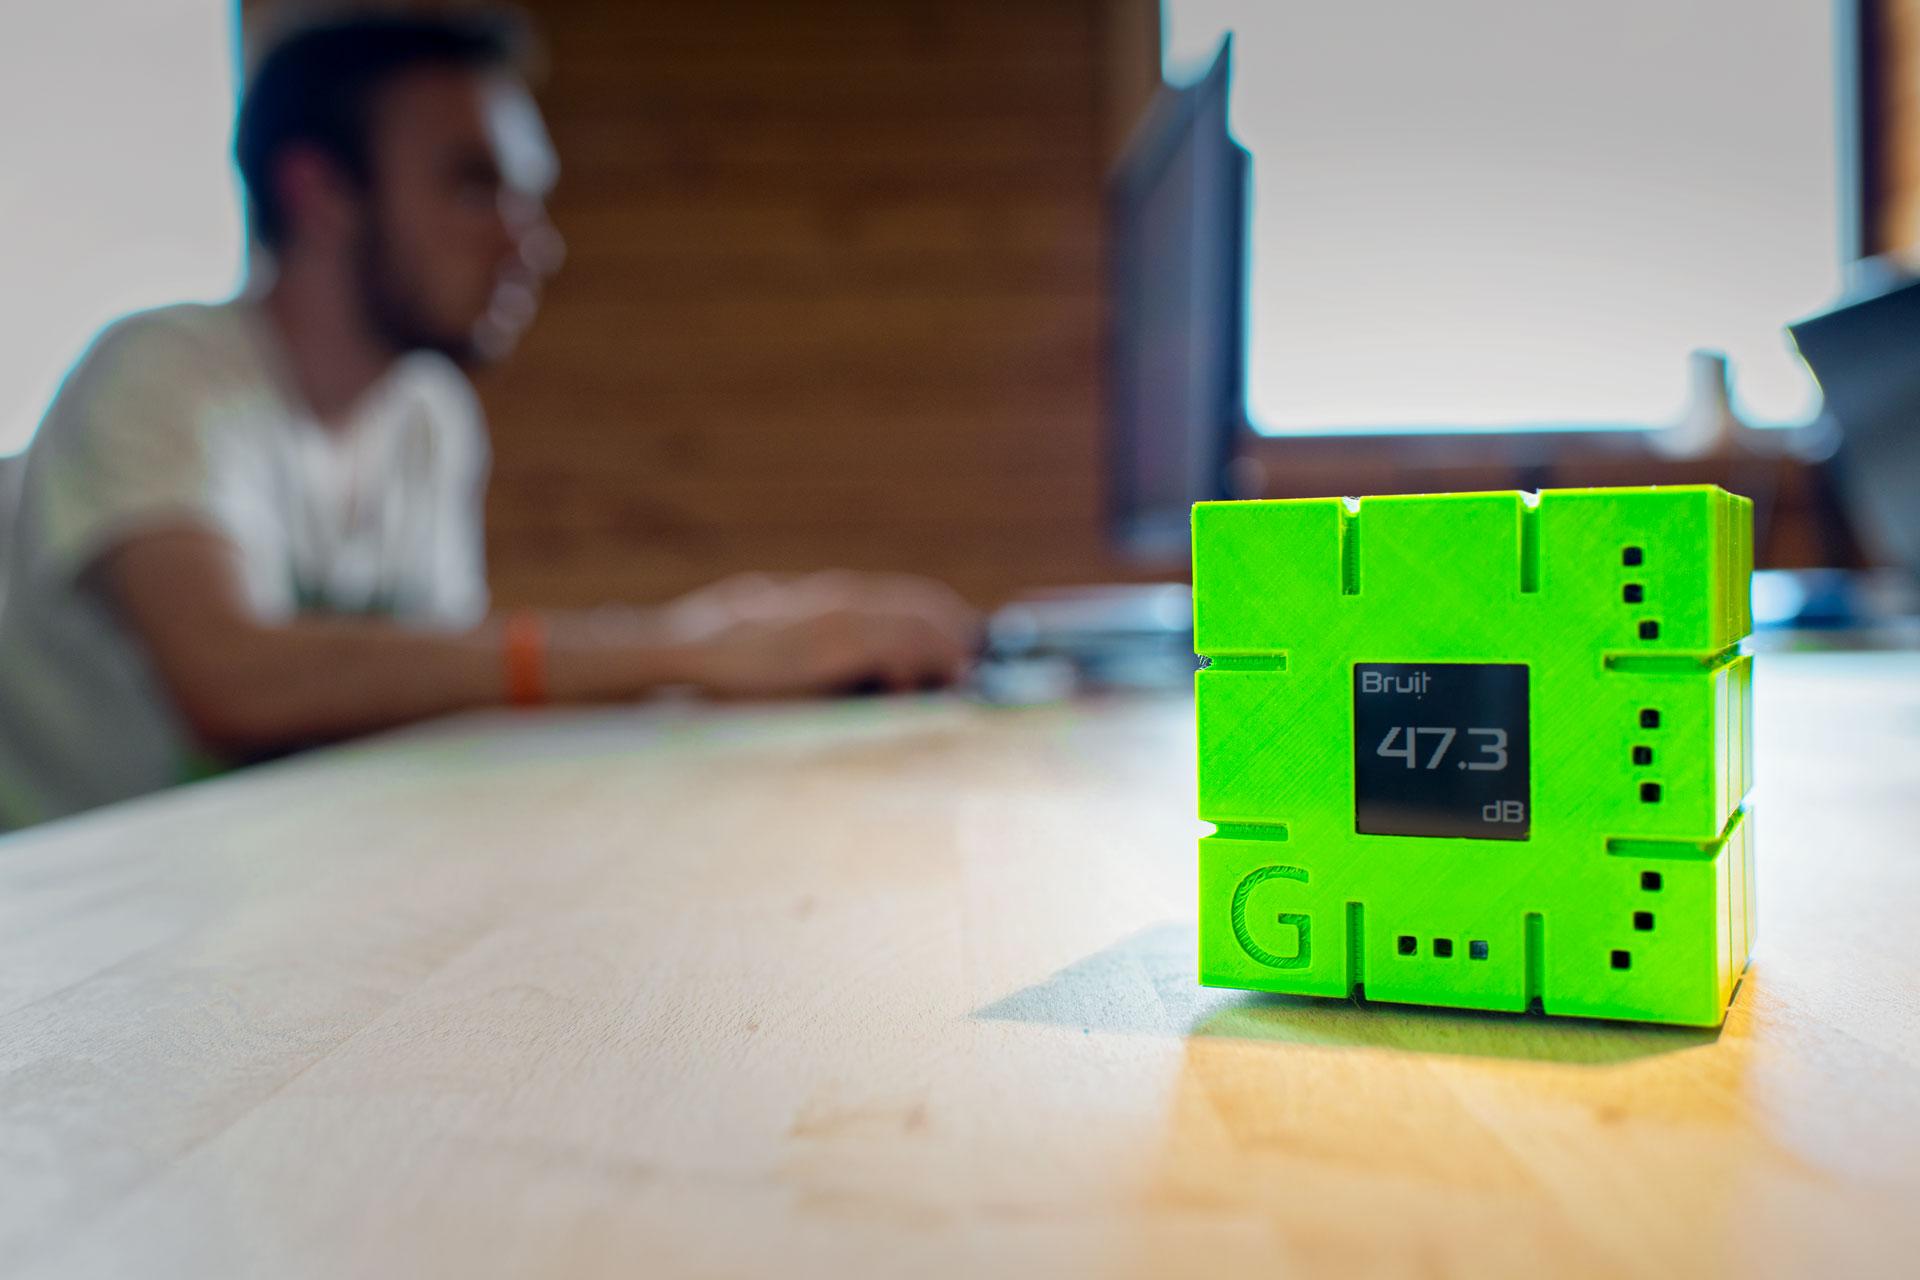 GreenMe, le cube connecté, surveille en continu 10 paramètres de votre environnement de travail.